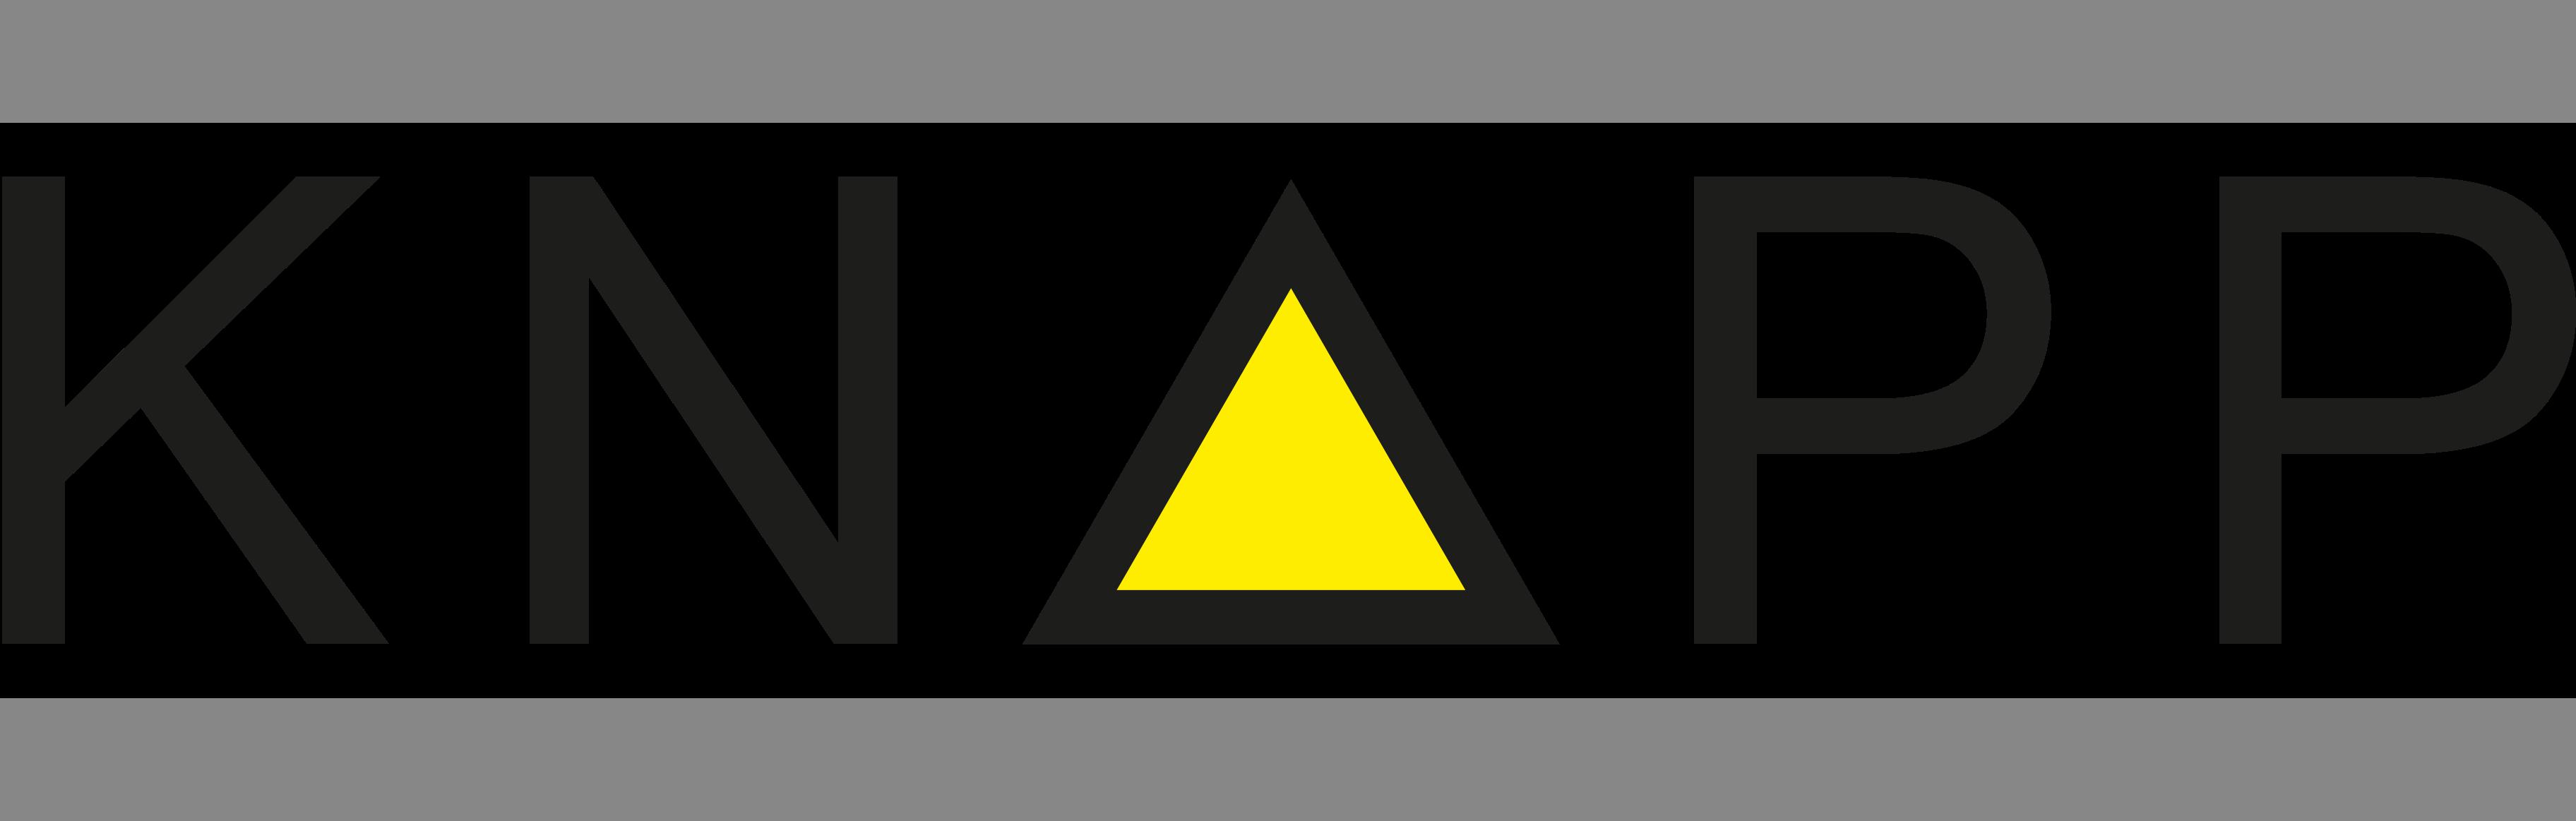 Monteur Technische Dienst / Monteur TD